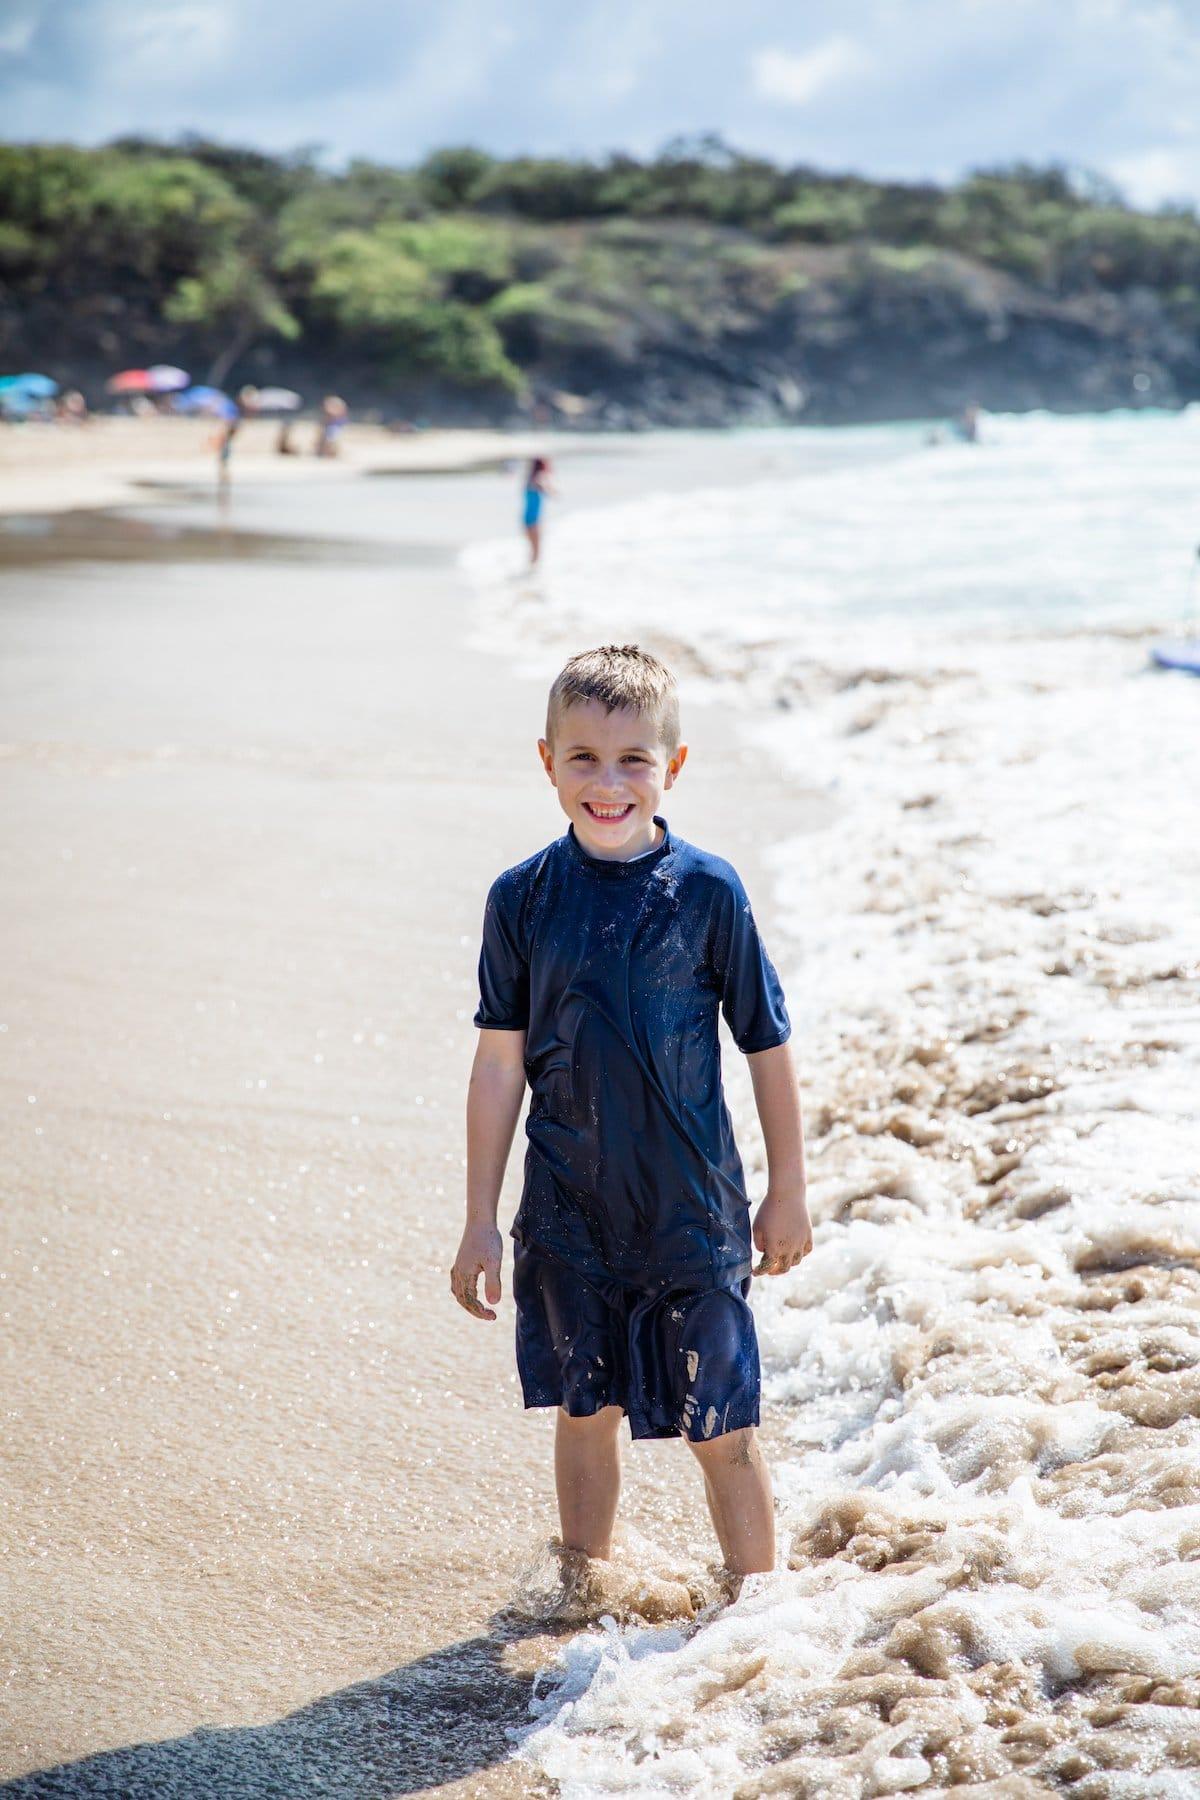 boy smiling on beach